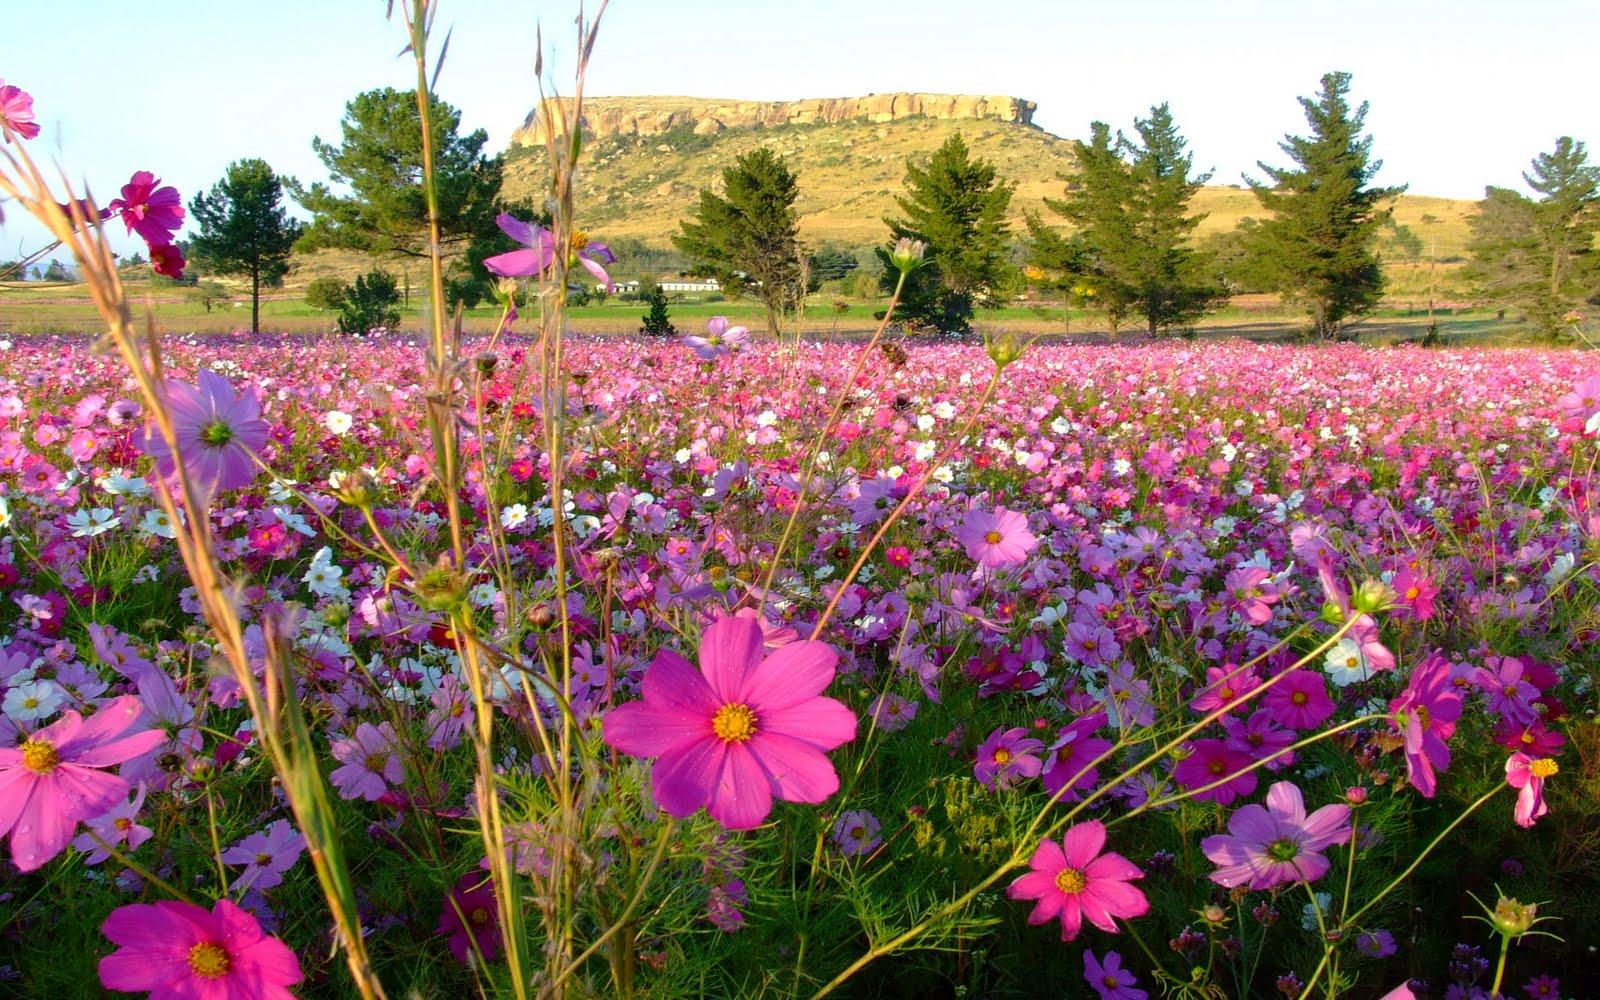 Campo   Flores Em Tons Rosa Imagens Imagem De Fundo Wallpaper Para